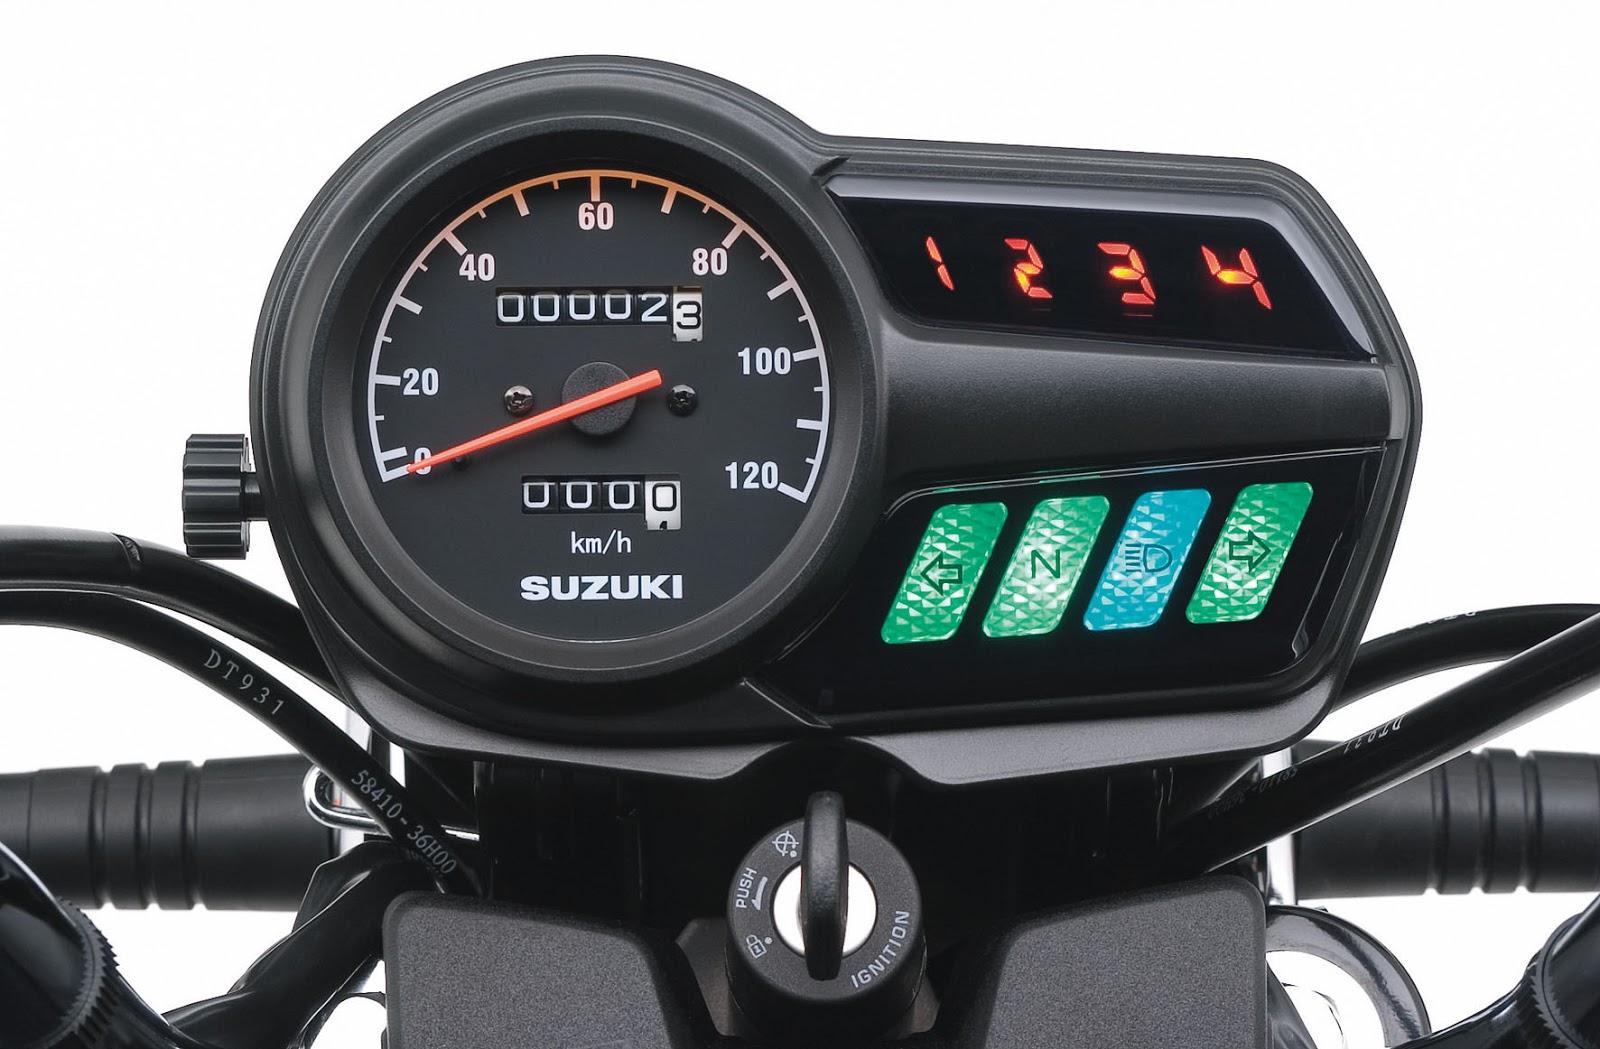 Painel da Suzuki GS 120